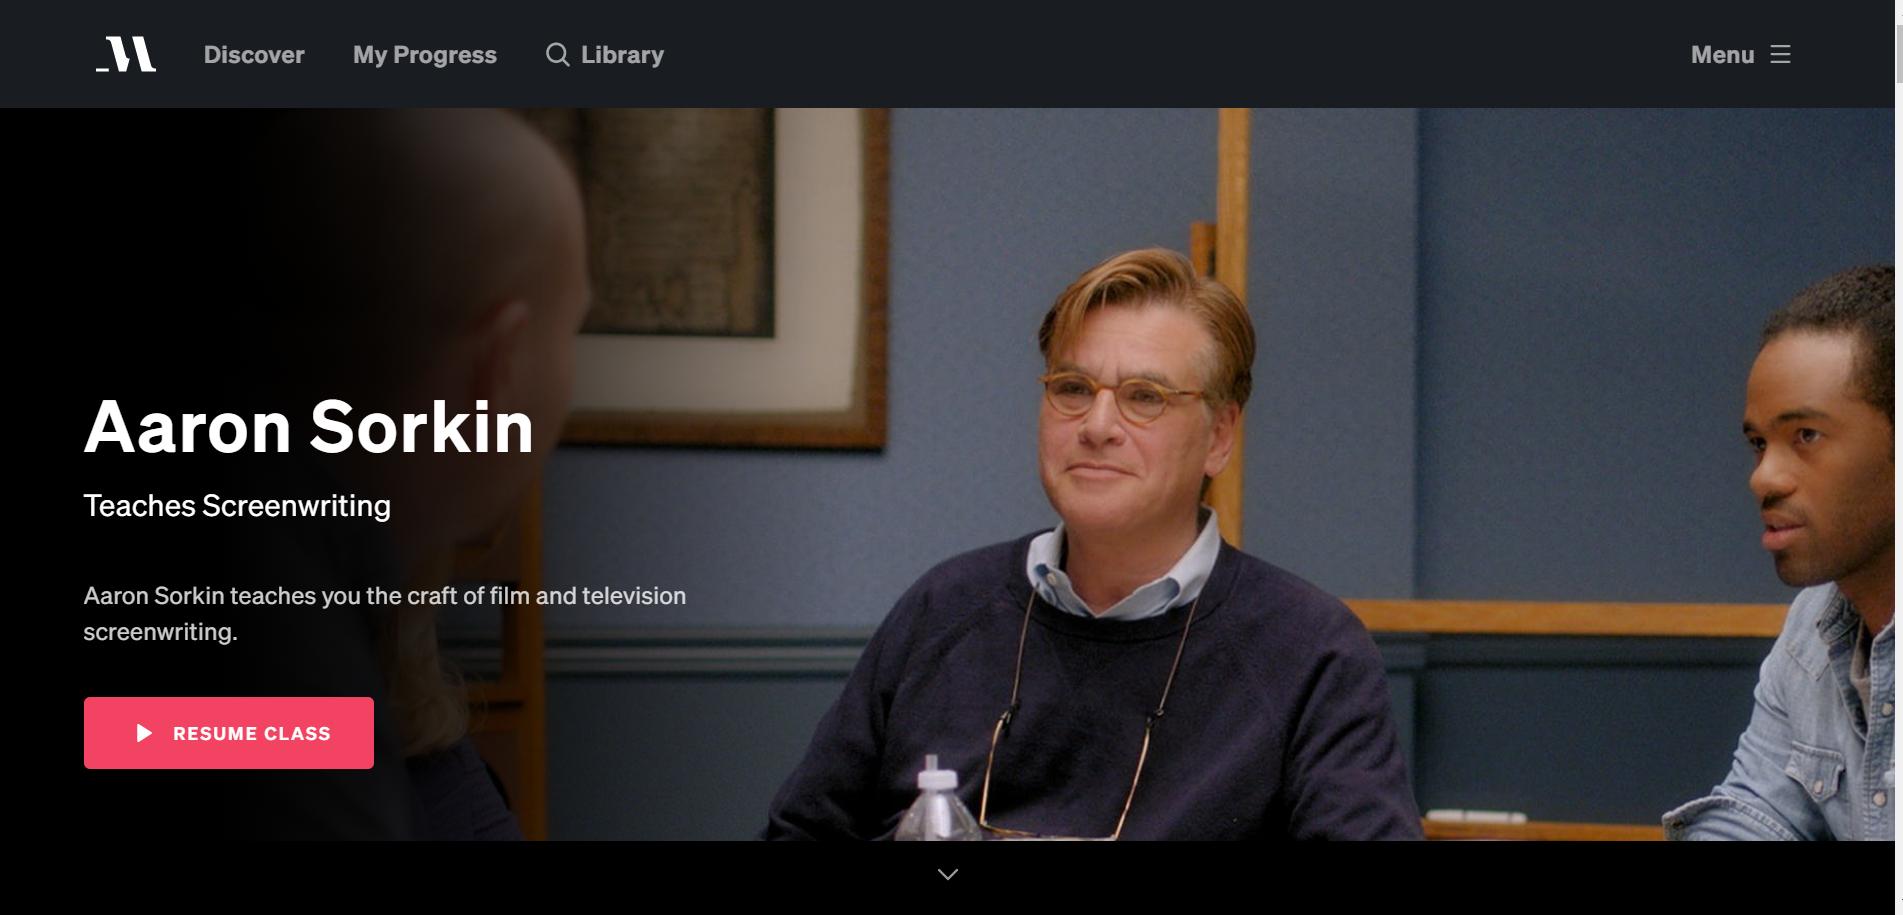 Aaron Sorkin Teaches Screenwriting MasterClass